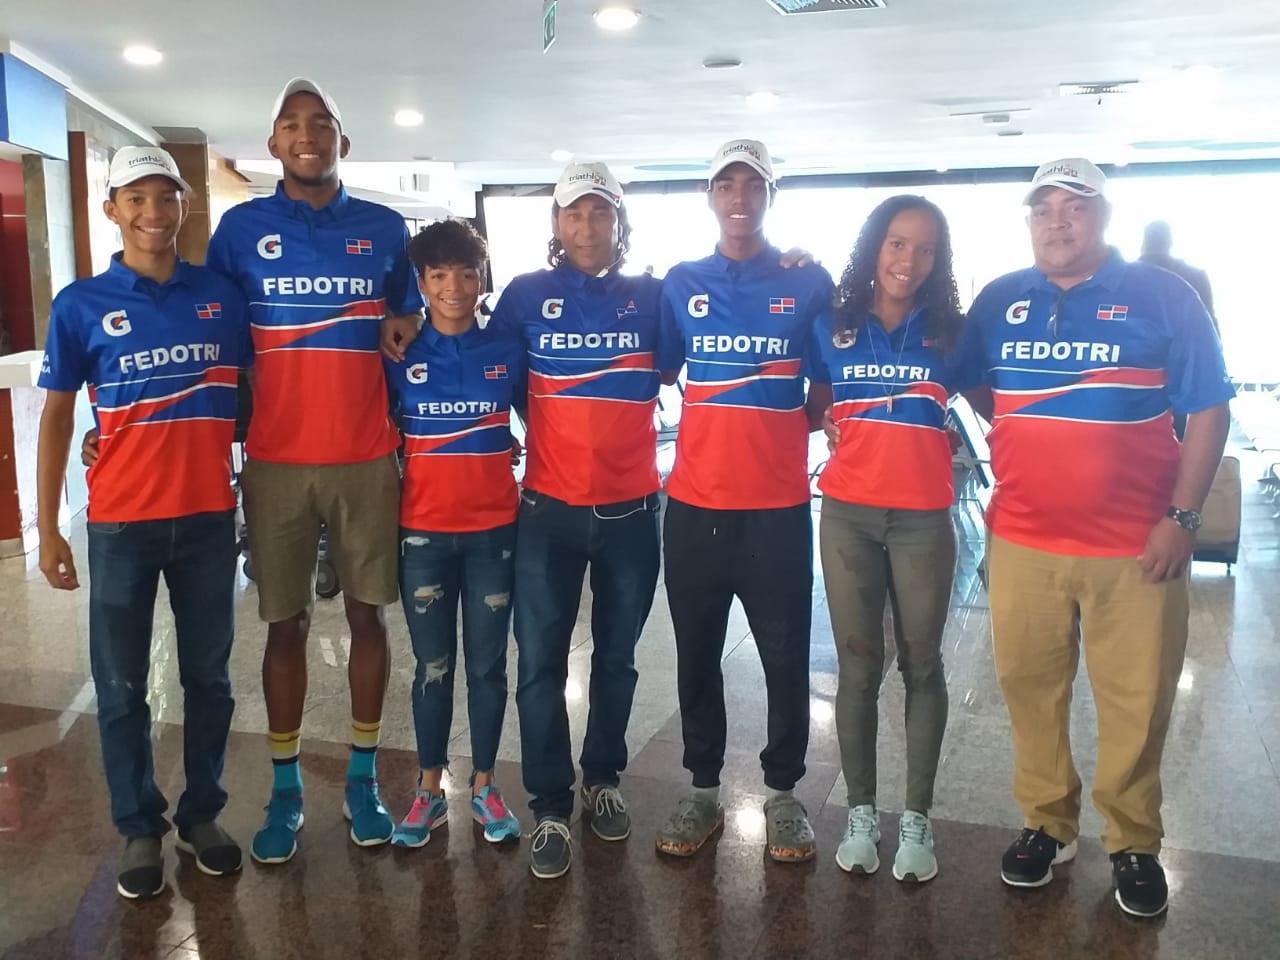 República Dominicana participará en el Panamericano de Triatlón de Ecuador